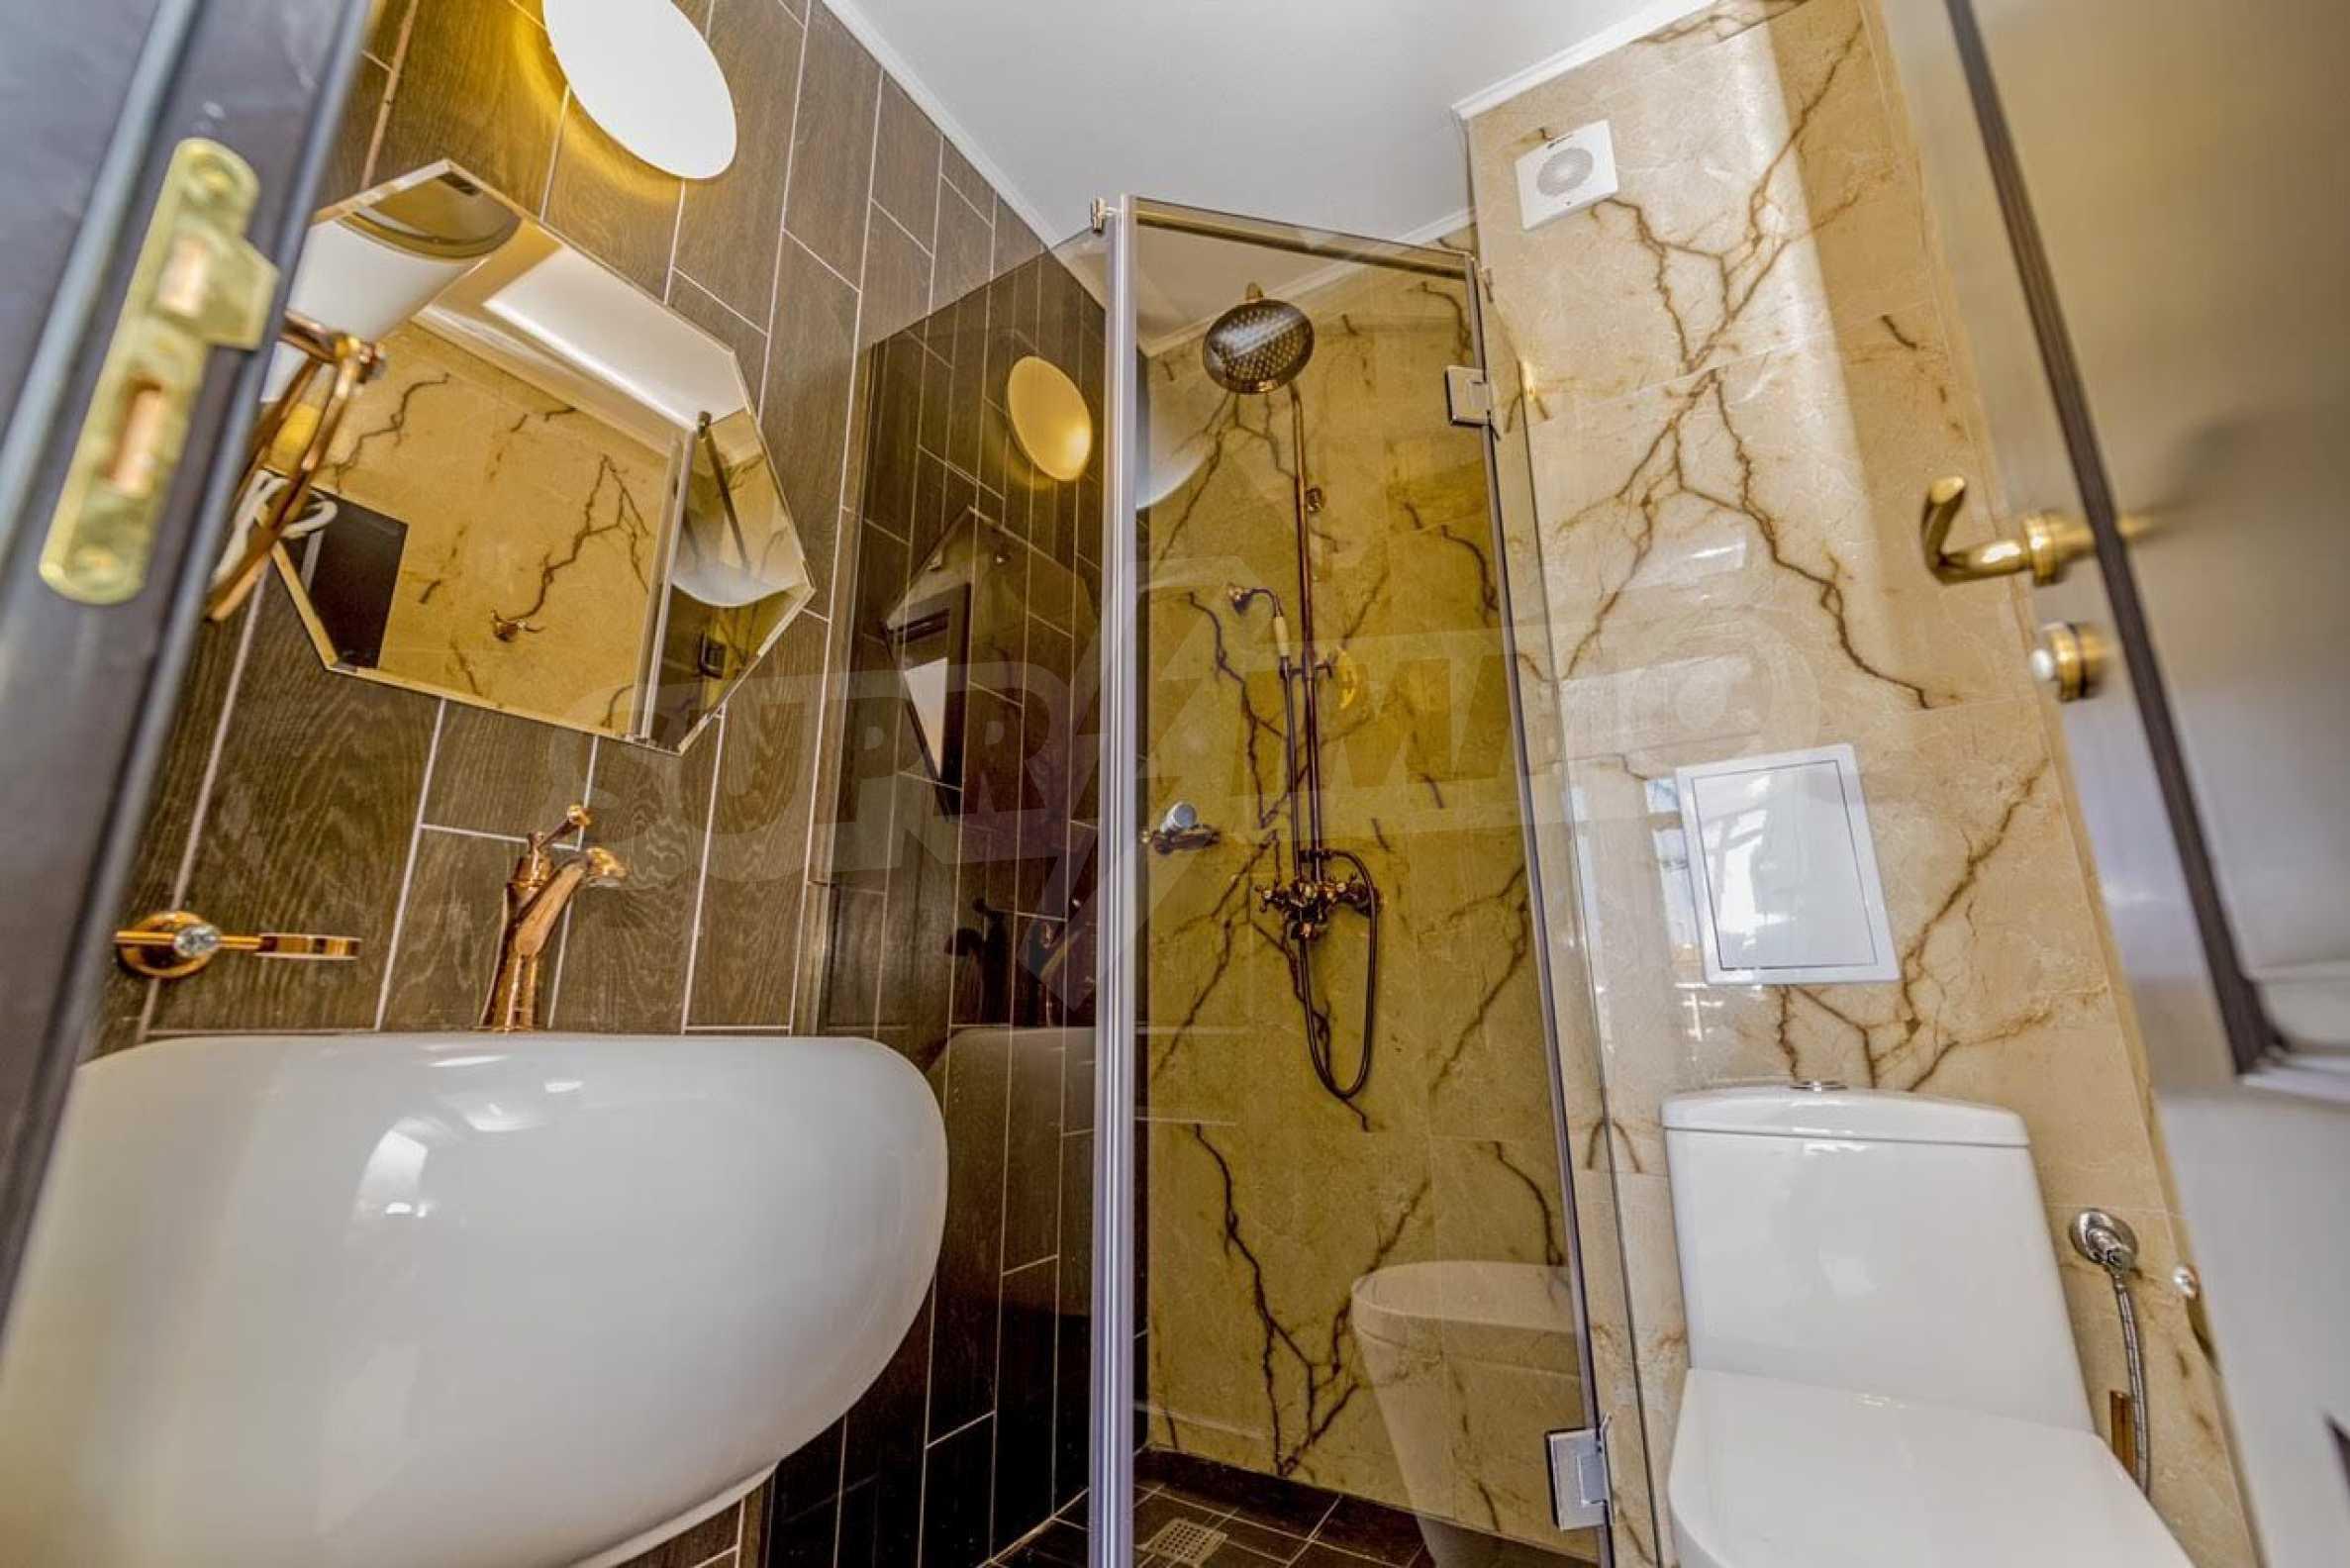 Erstklassige Apartments  zum TOP-Preis ab 890 €/m² im Komplex im Stil der französischen Renaissance (Akt 16) 10